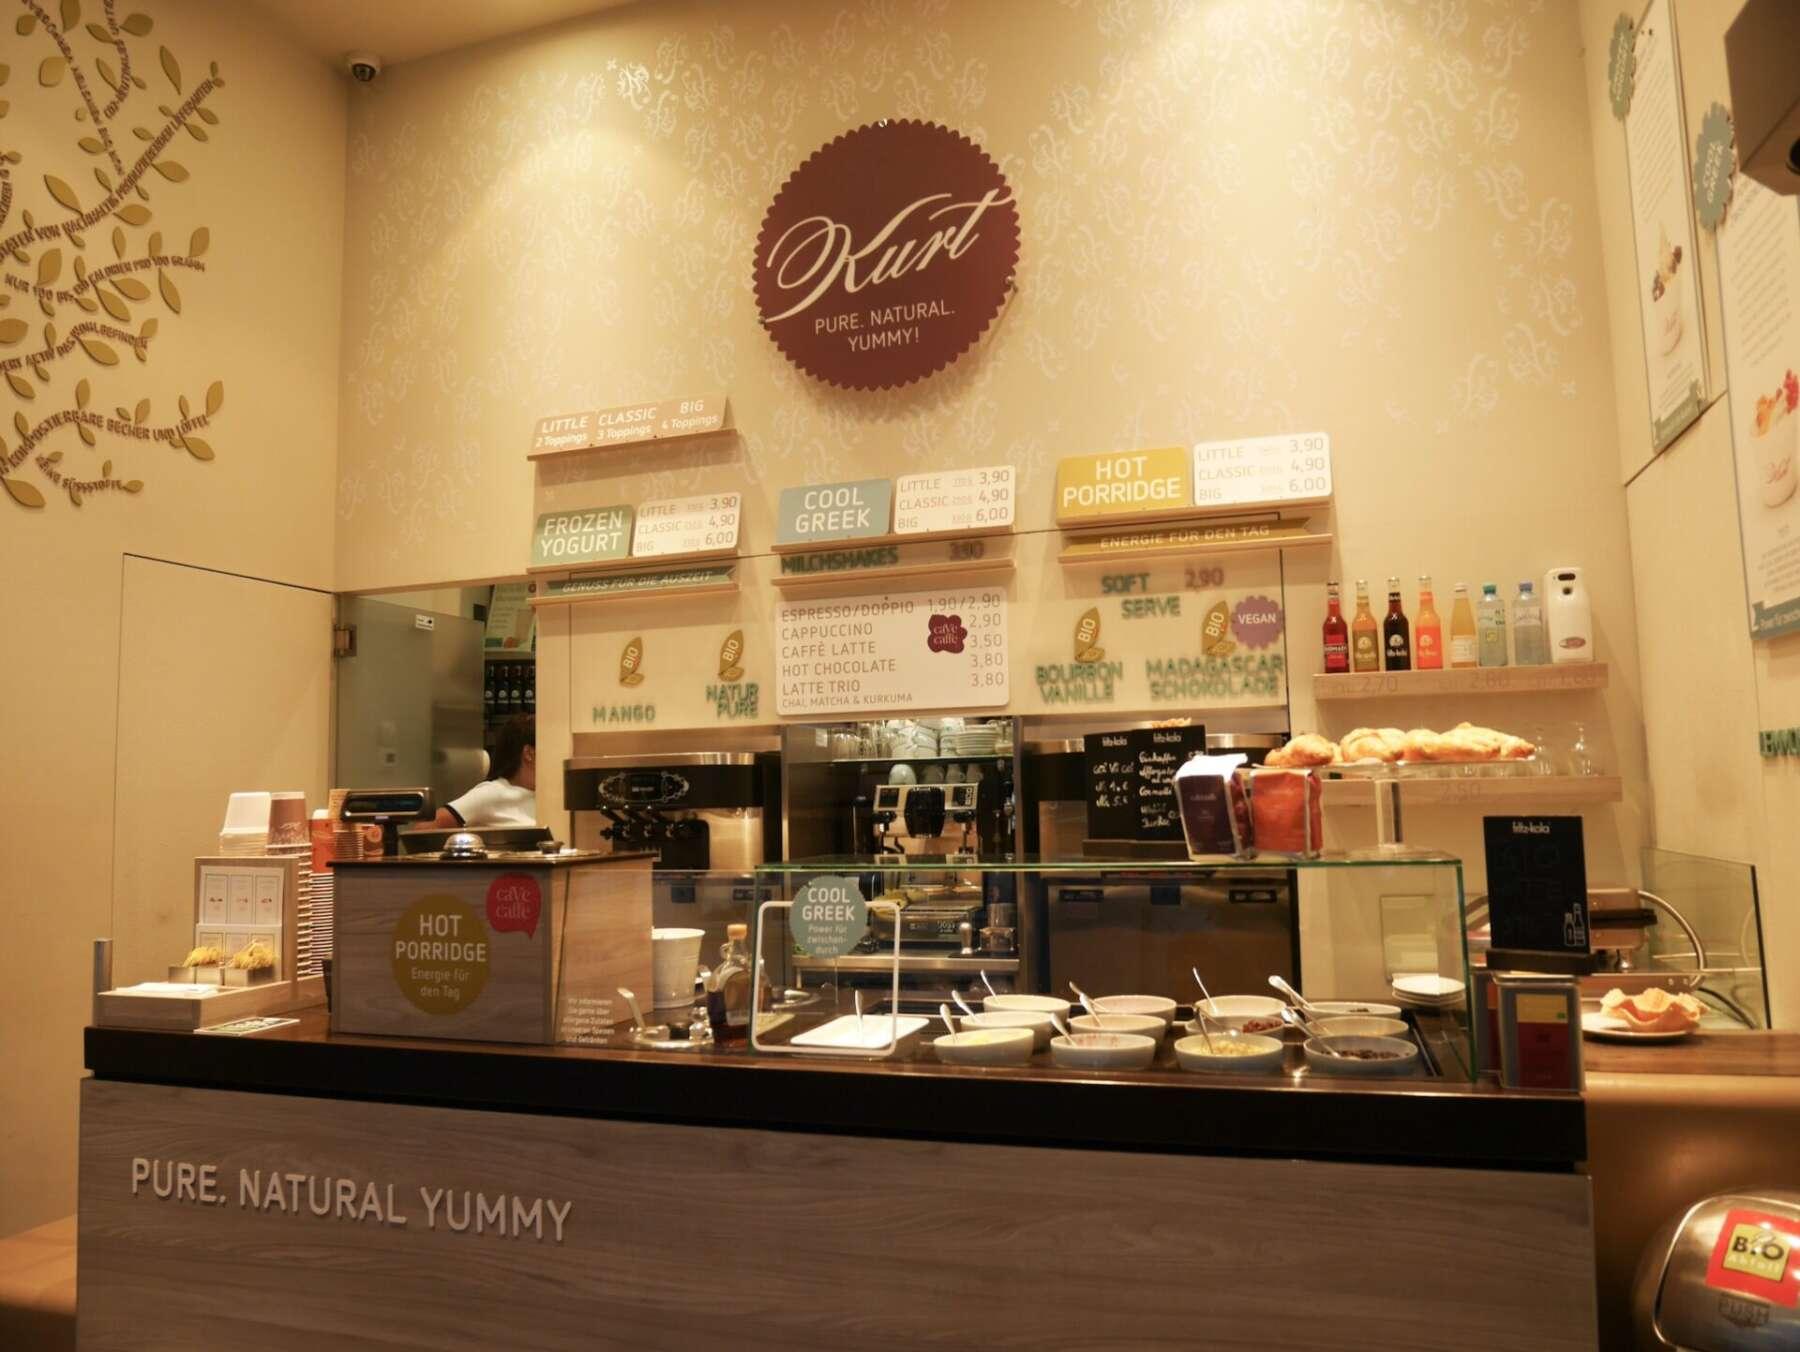 ร้านไอศครีม Kurt อินส์บรุค (Innsbruck)